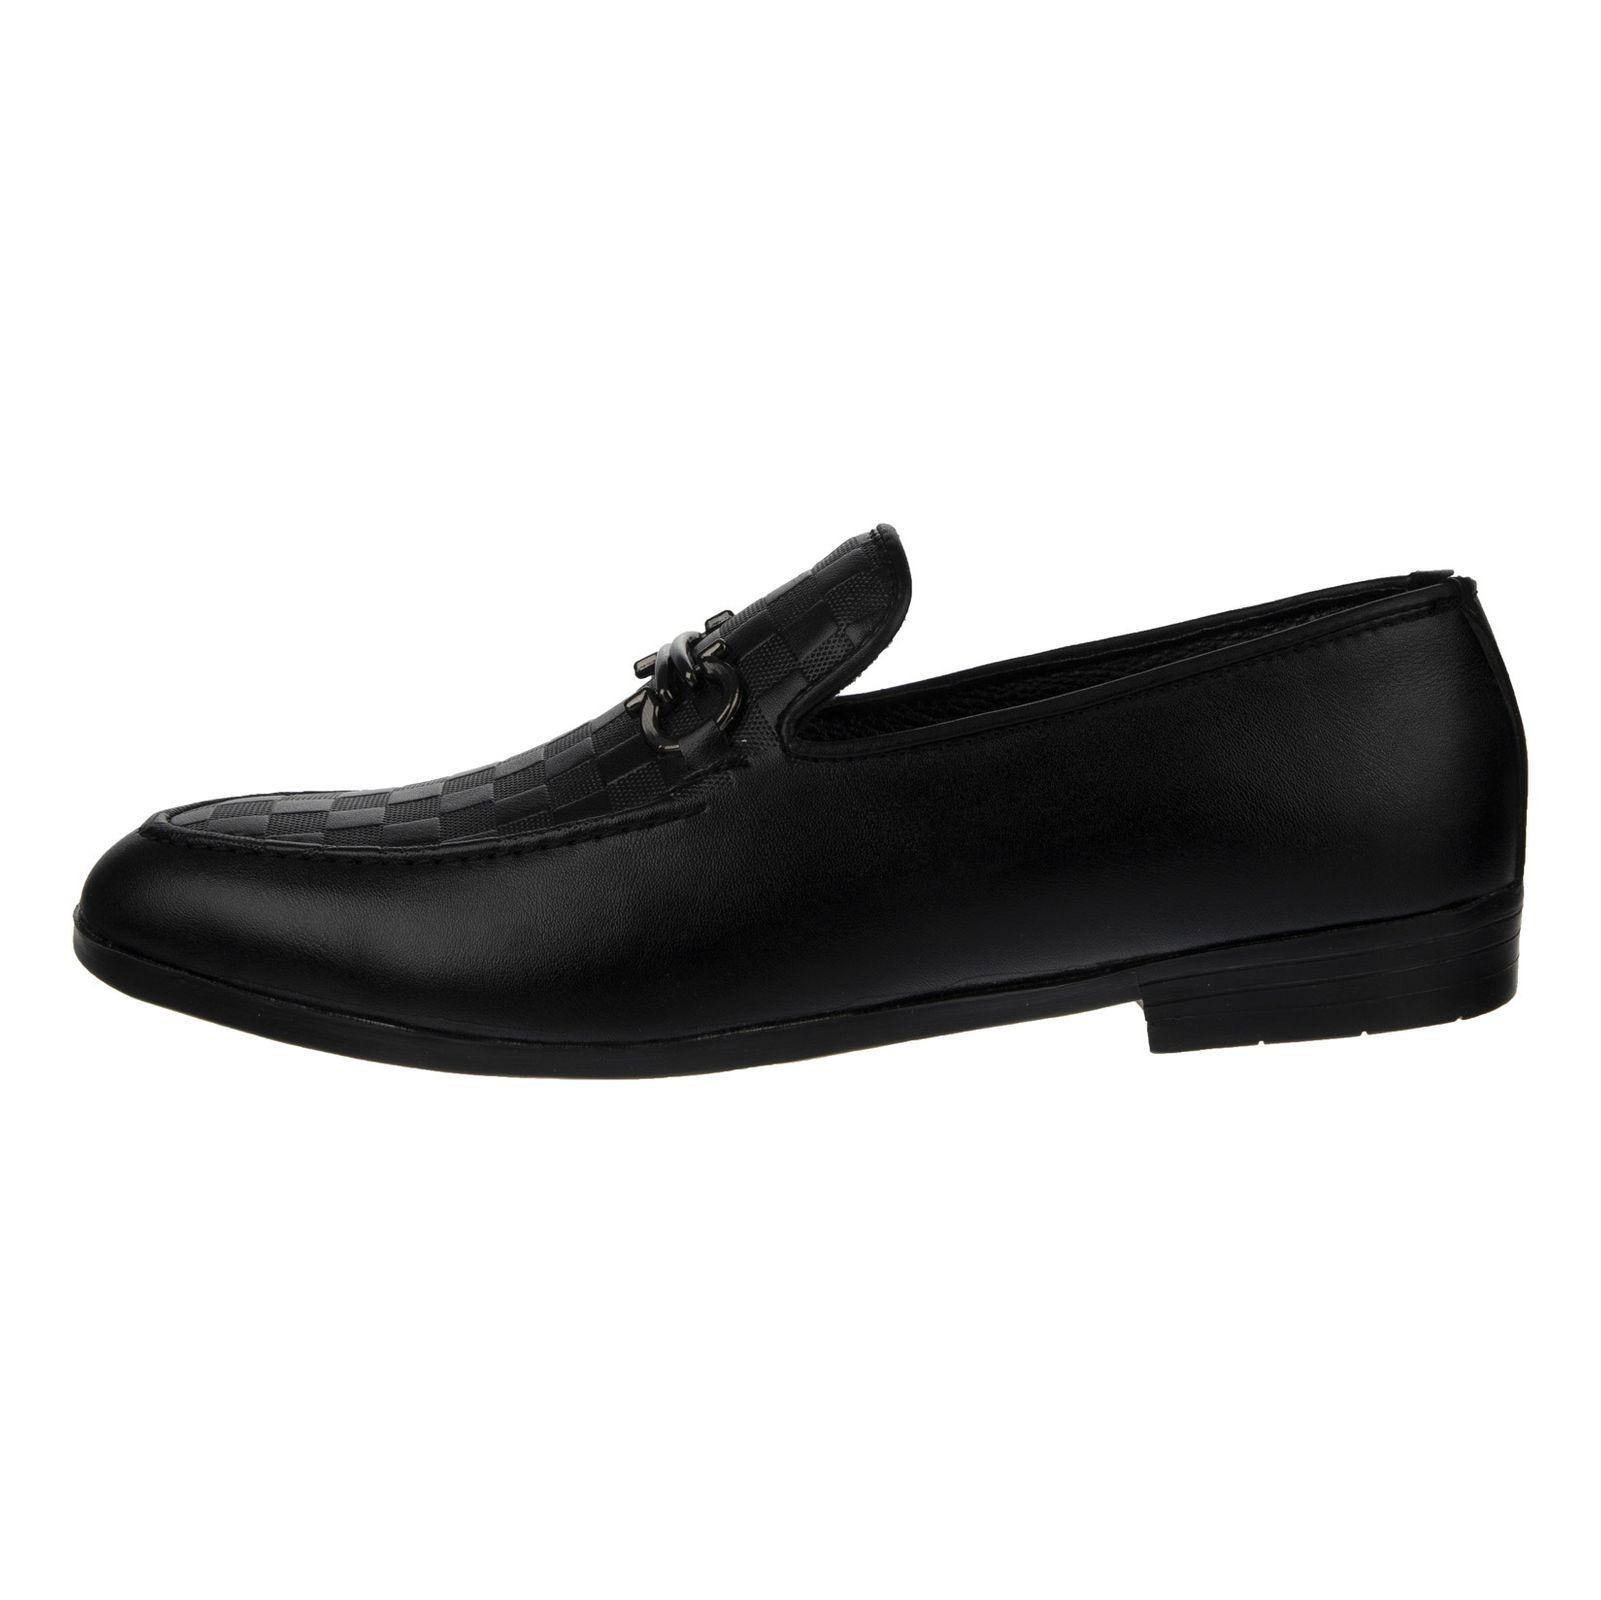 کفش مردانه ام تو مدل 311-0001